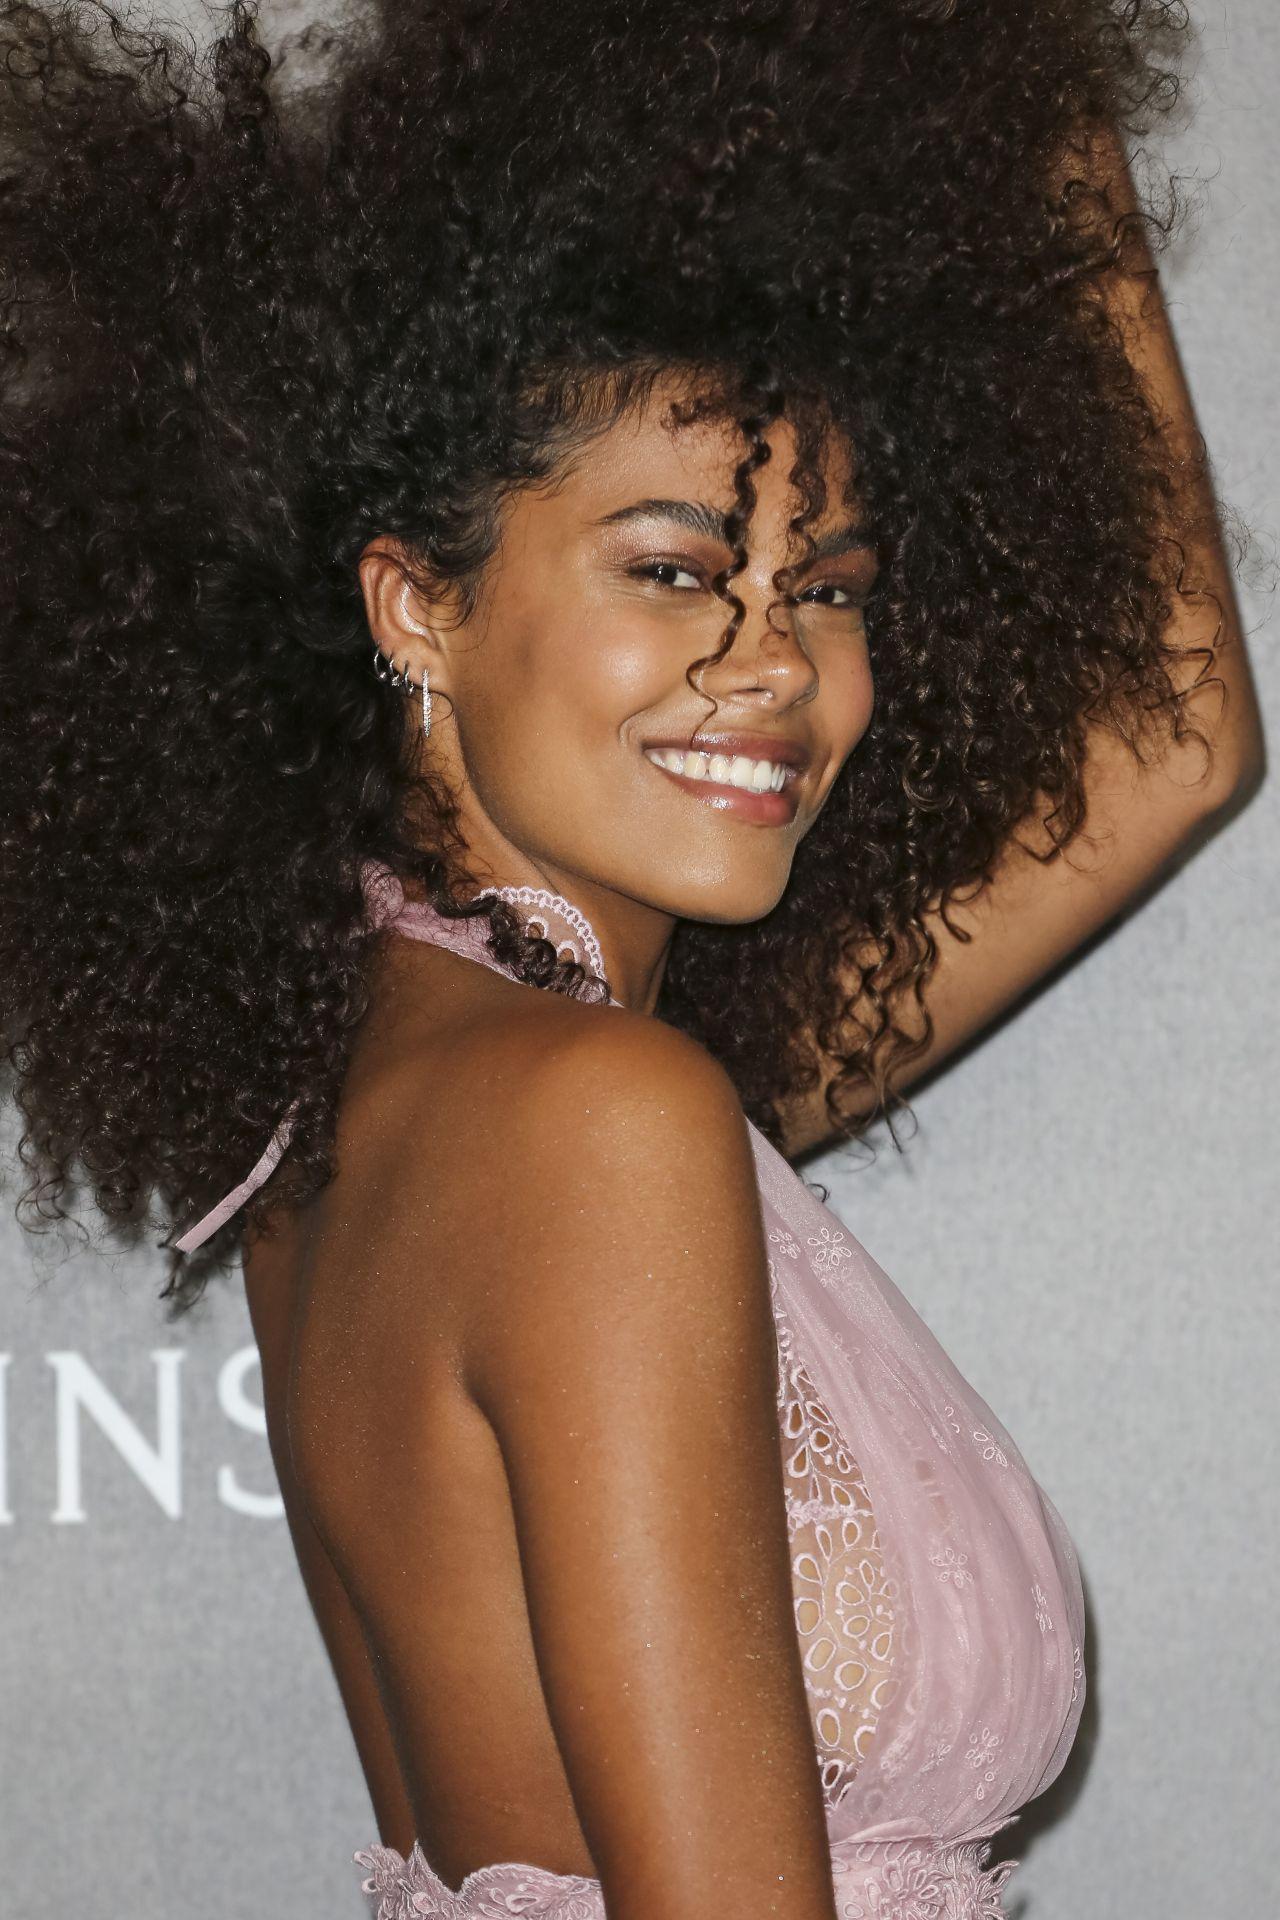 Young Tina Kunakey  nudes (17 photos), iCloud, braless